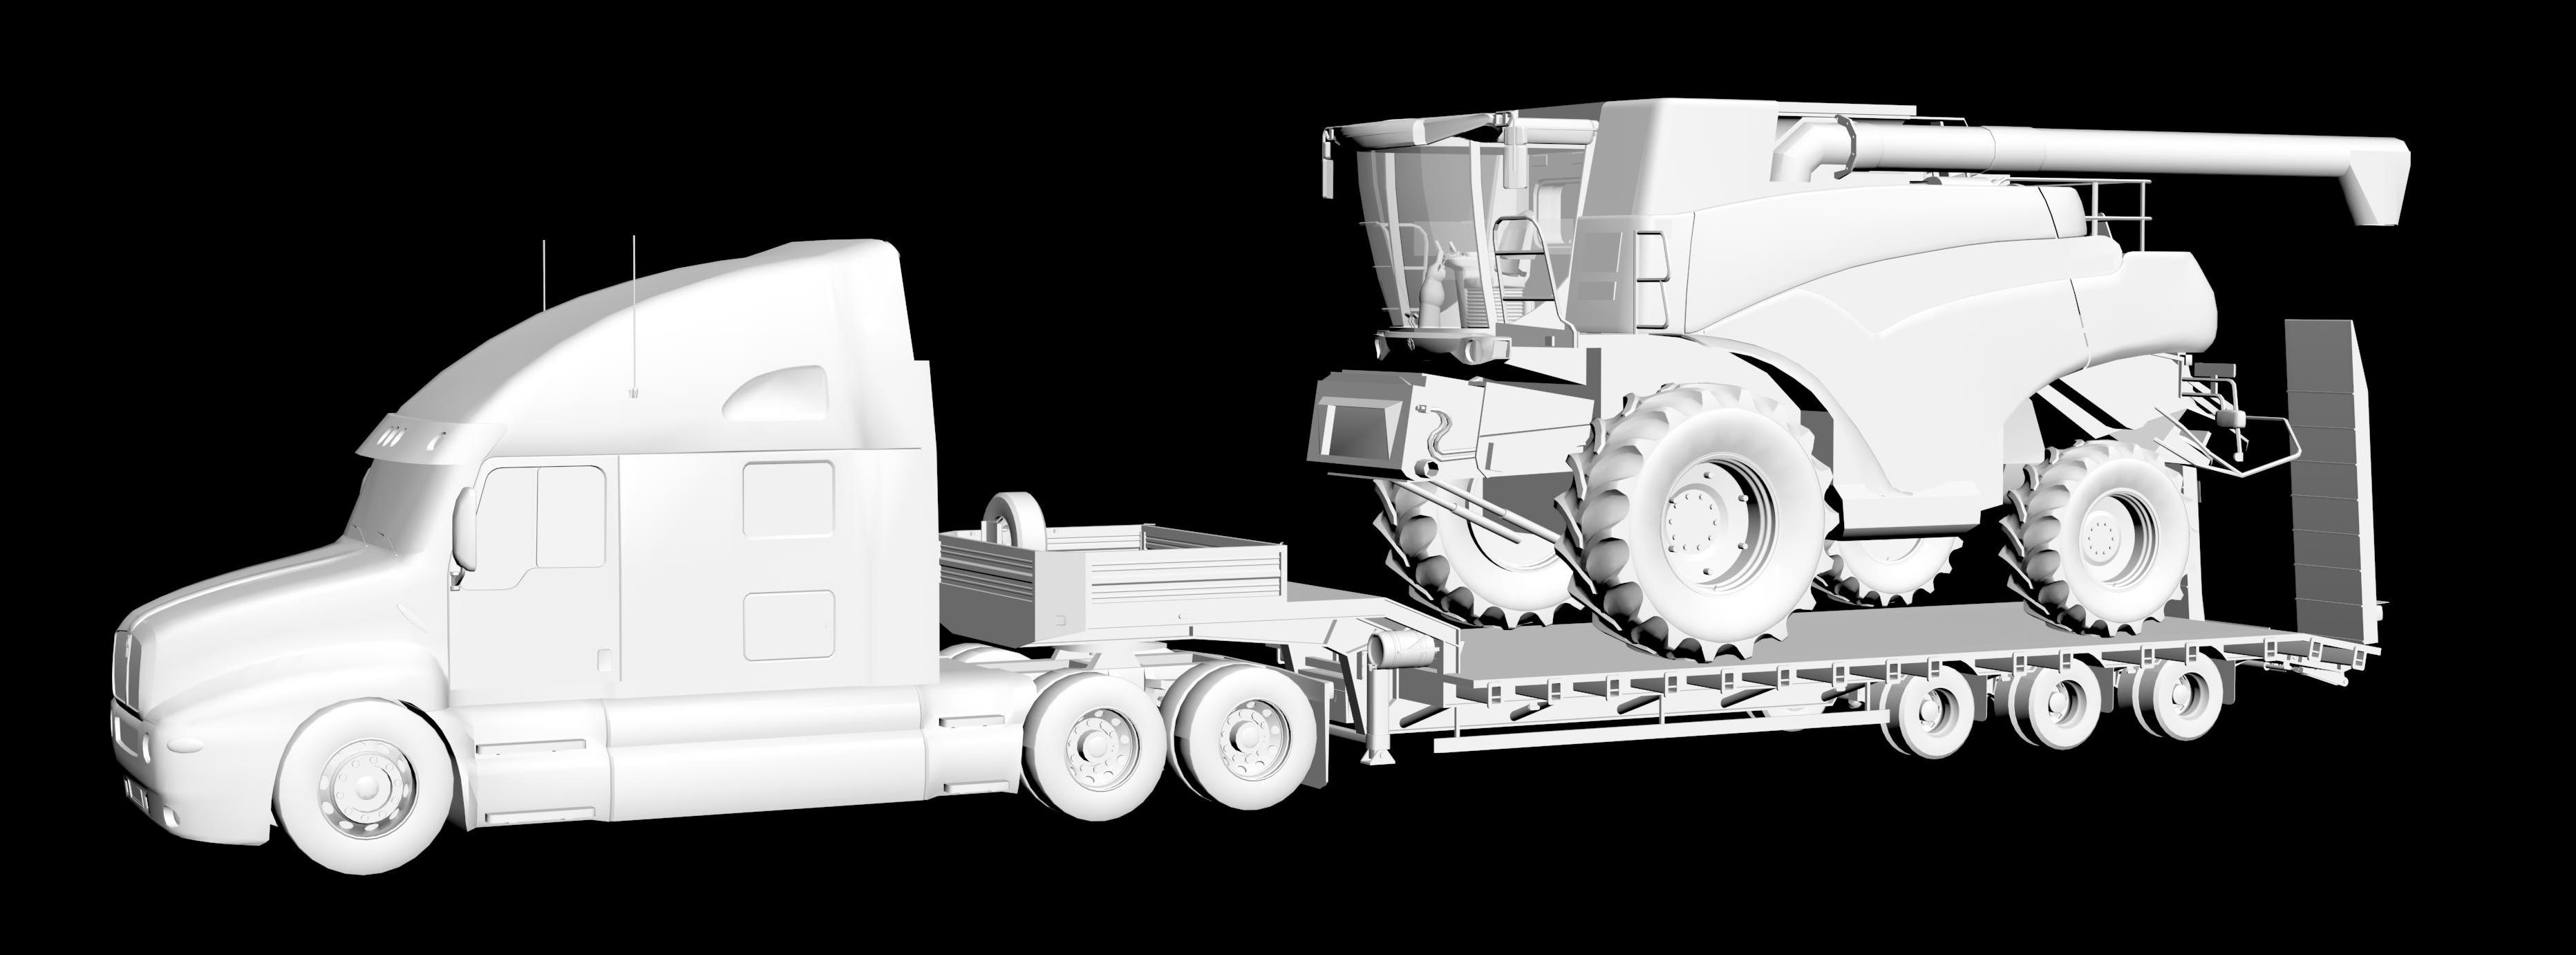 [Encuesta][T.E.P.] Proyecto Aguas Tenias (22 modelos + 1 Camión) [Terminado 21-4-2014]. - Página 5 56ybsch